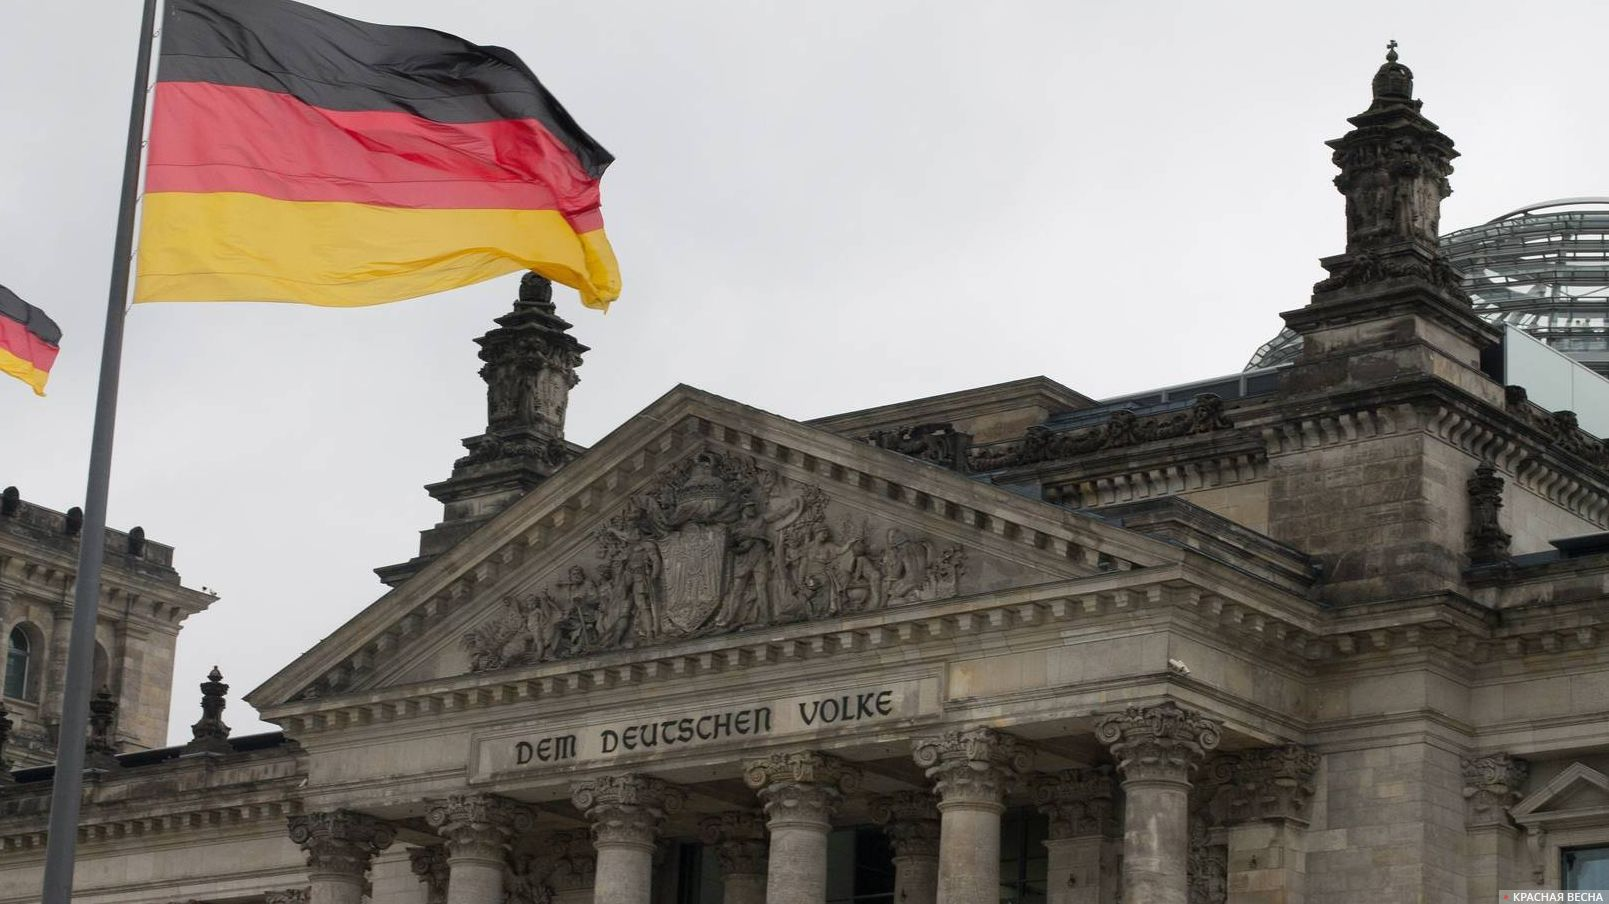 Руководитель МВД Германии объявил онамерении покинуть должность председателя ХСС